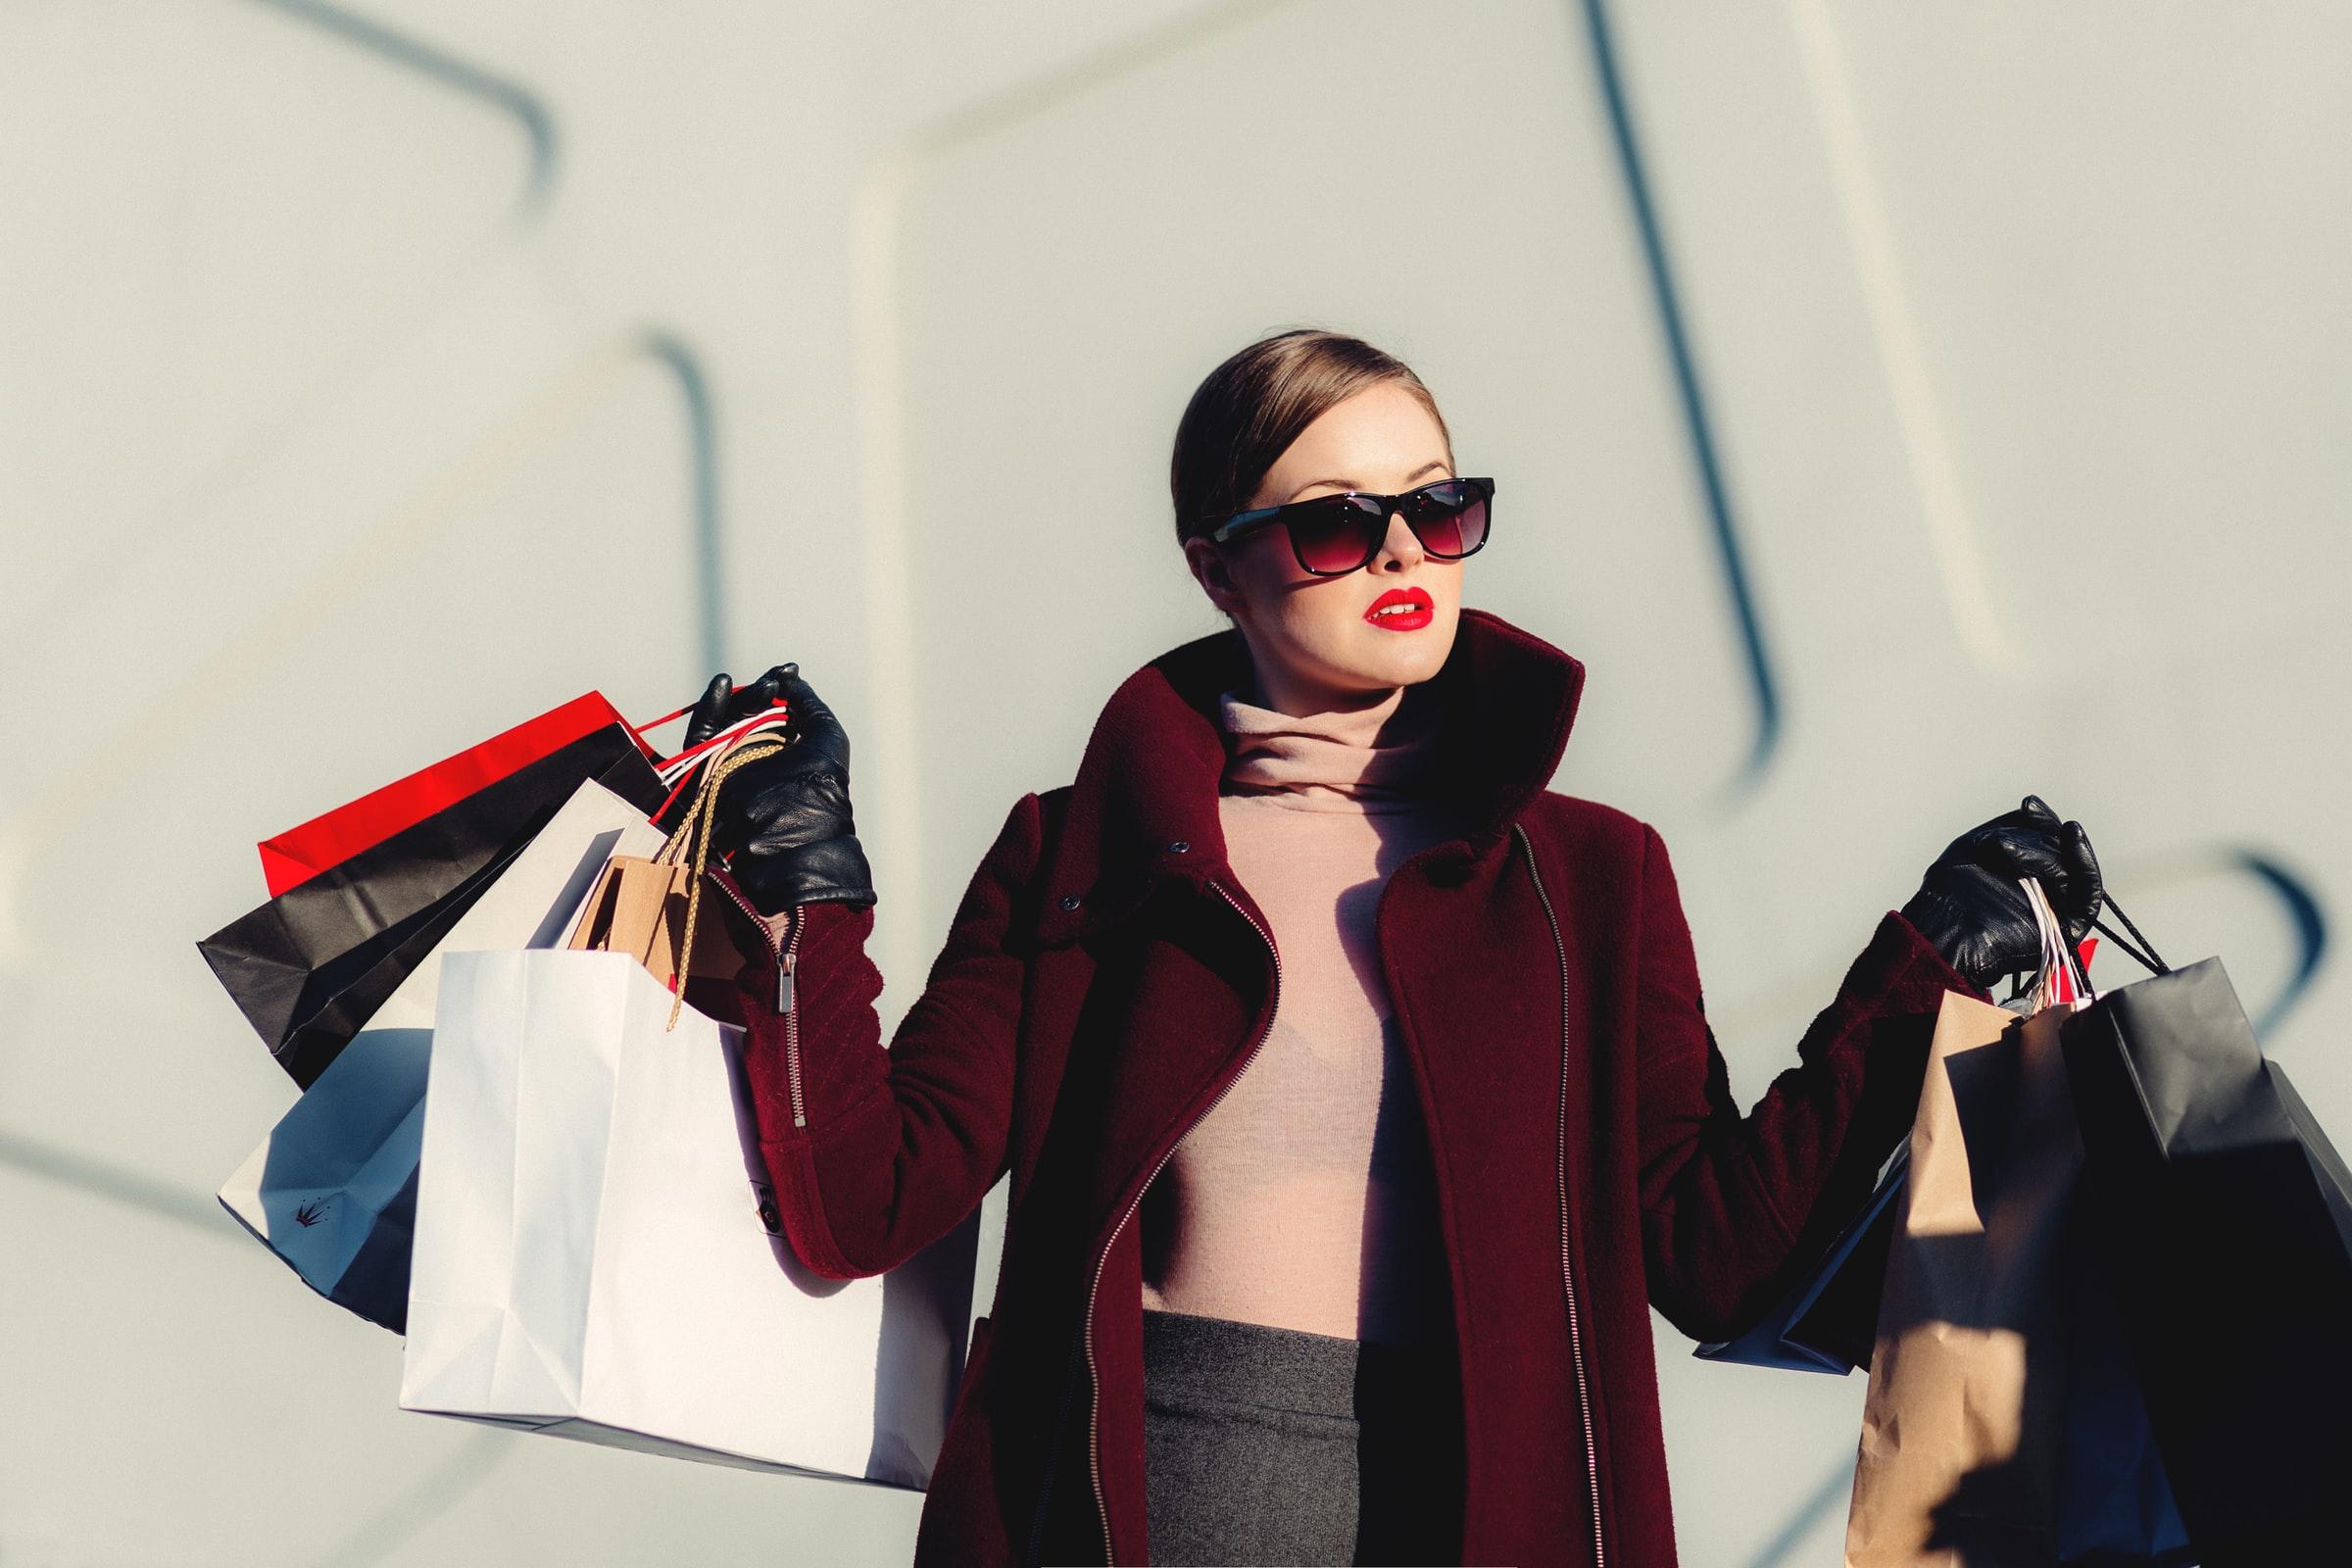 как расслабиться, что поможет отдохнуть, наполниться чем-то приятным, шоппинг